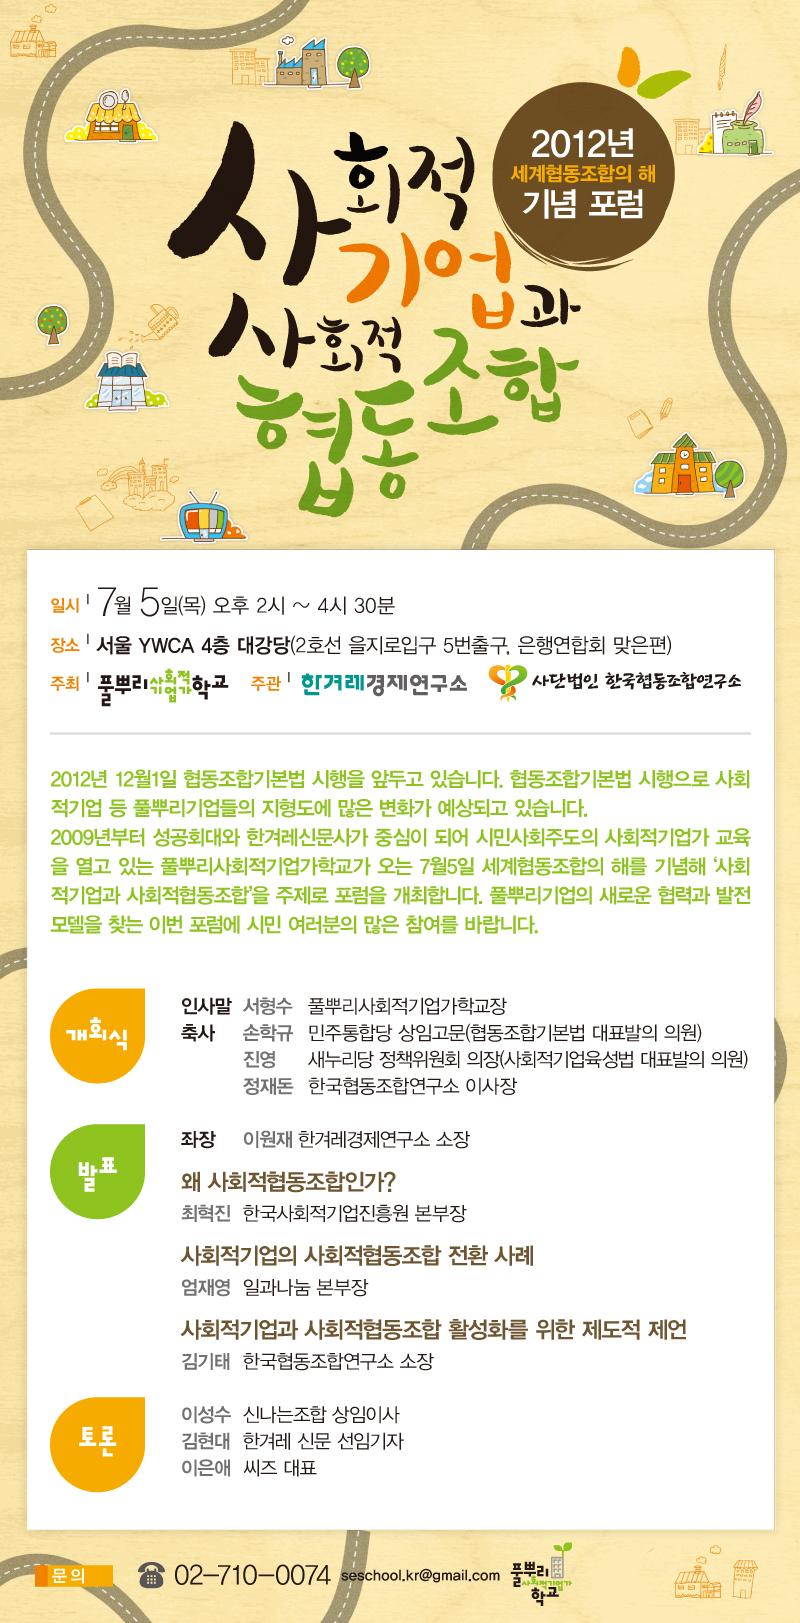 2012풀뿌리사회적기업가학교_포럼(웹용초청장).jpg